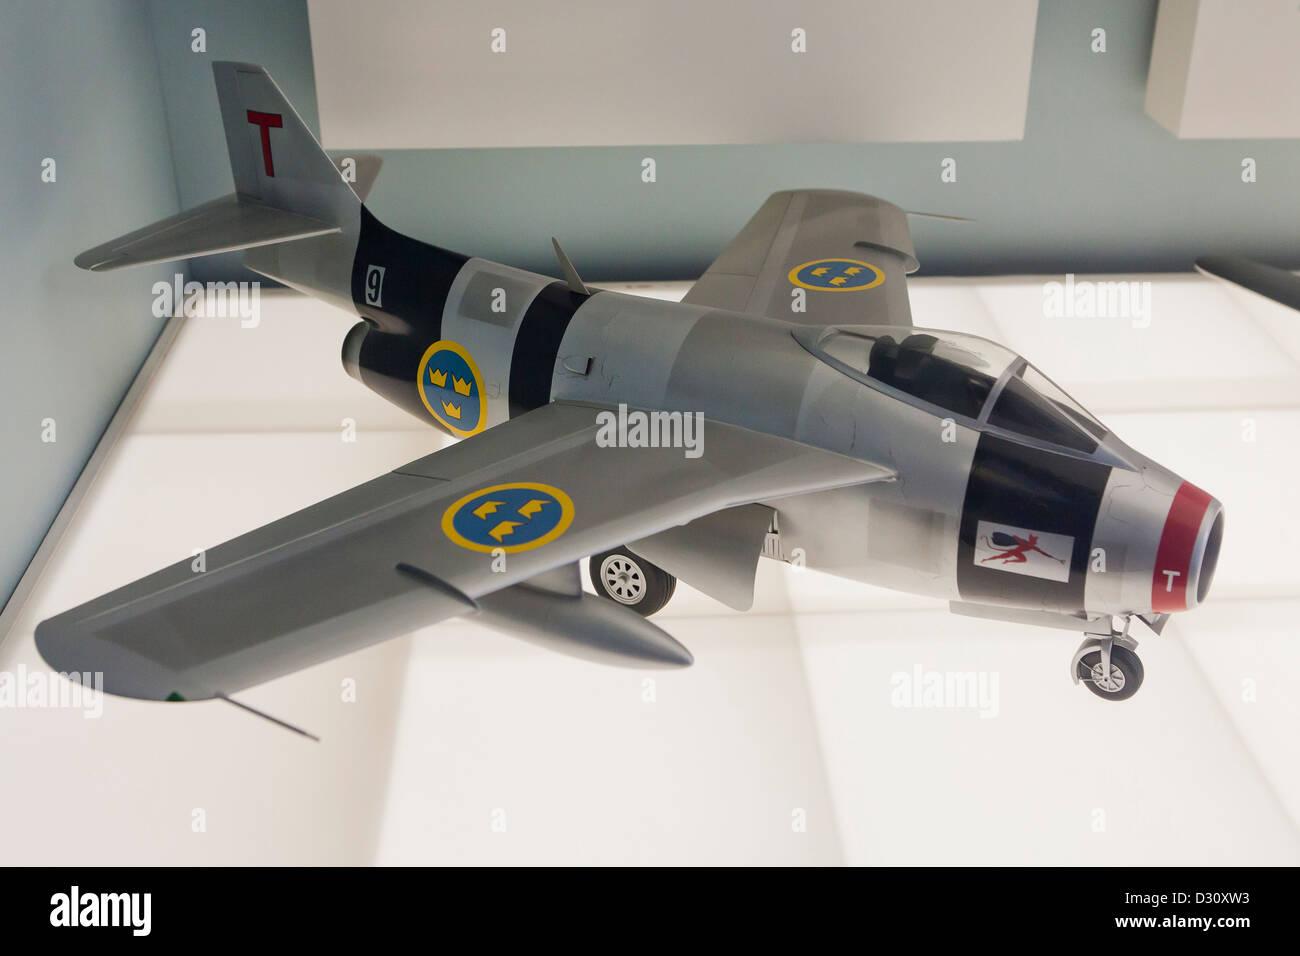 SAAB-29 turbojet airplane model - Stock Image